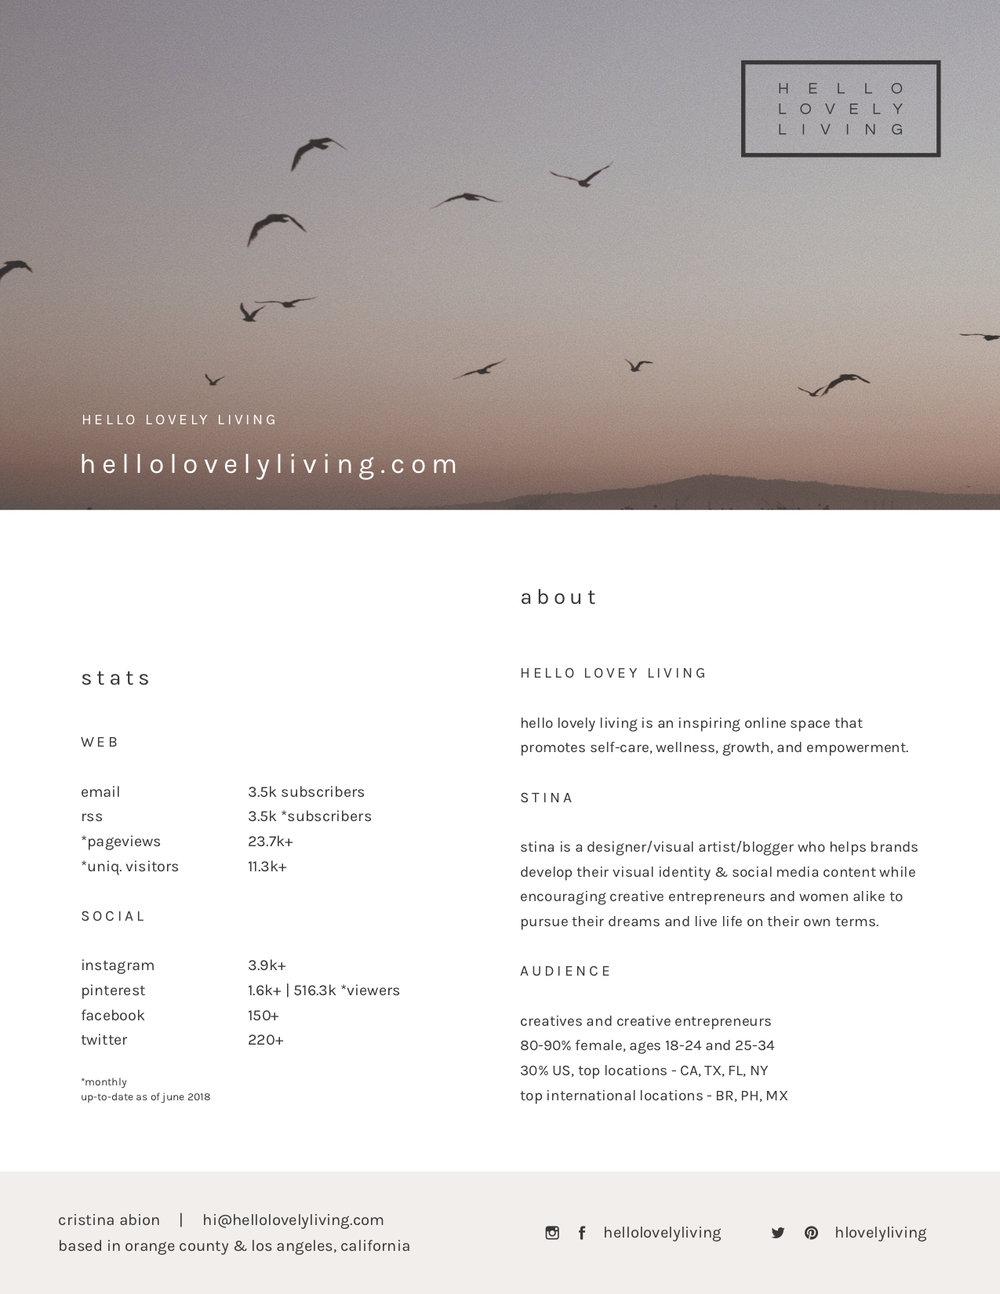 hellolovelyliving-mediakit-1.jpg